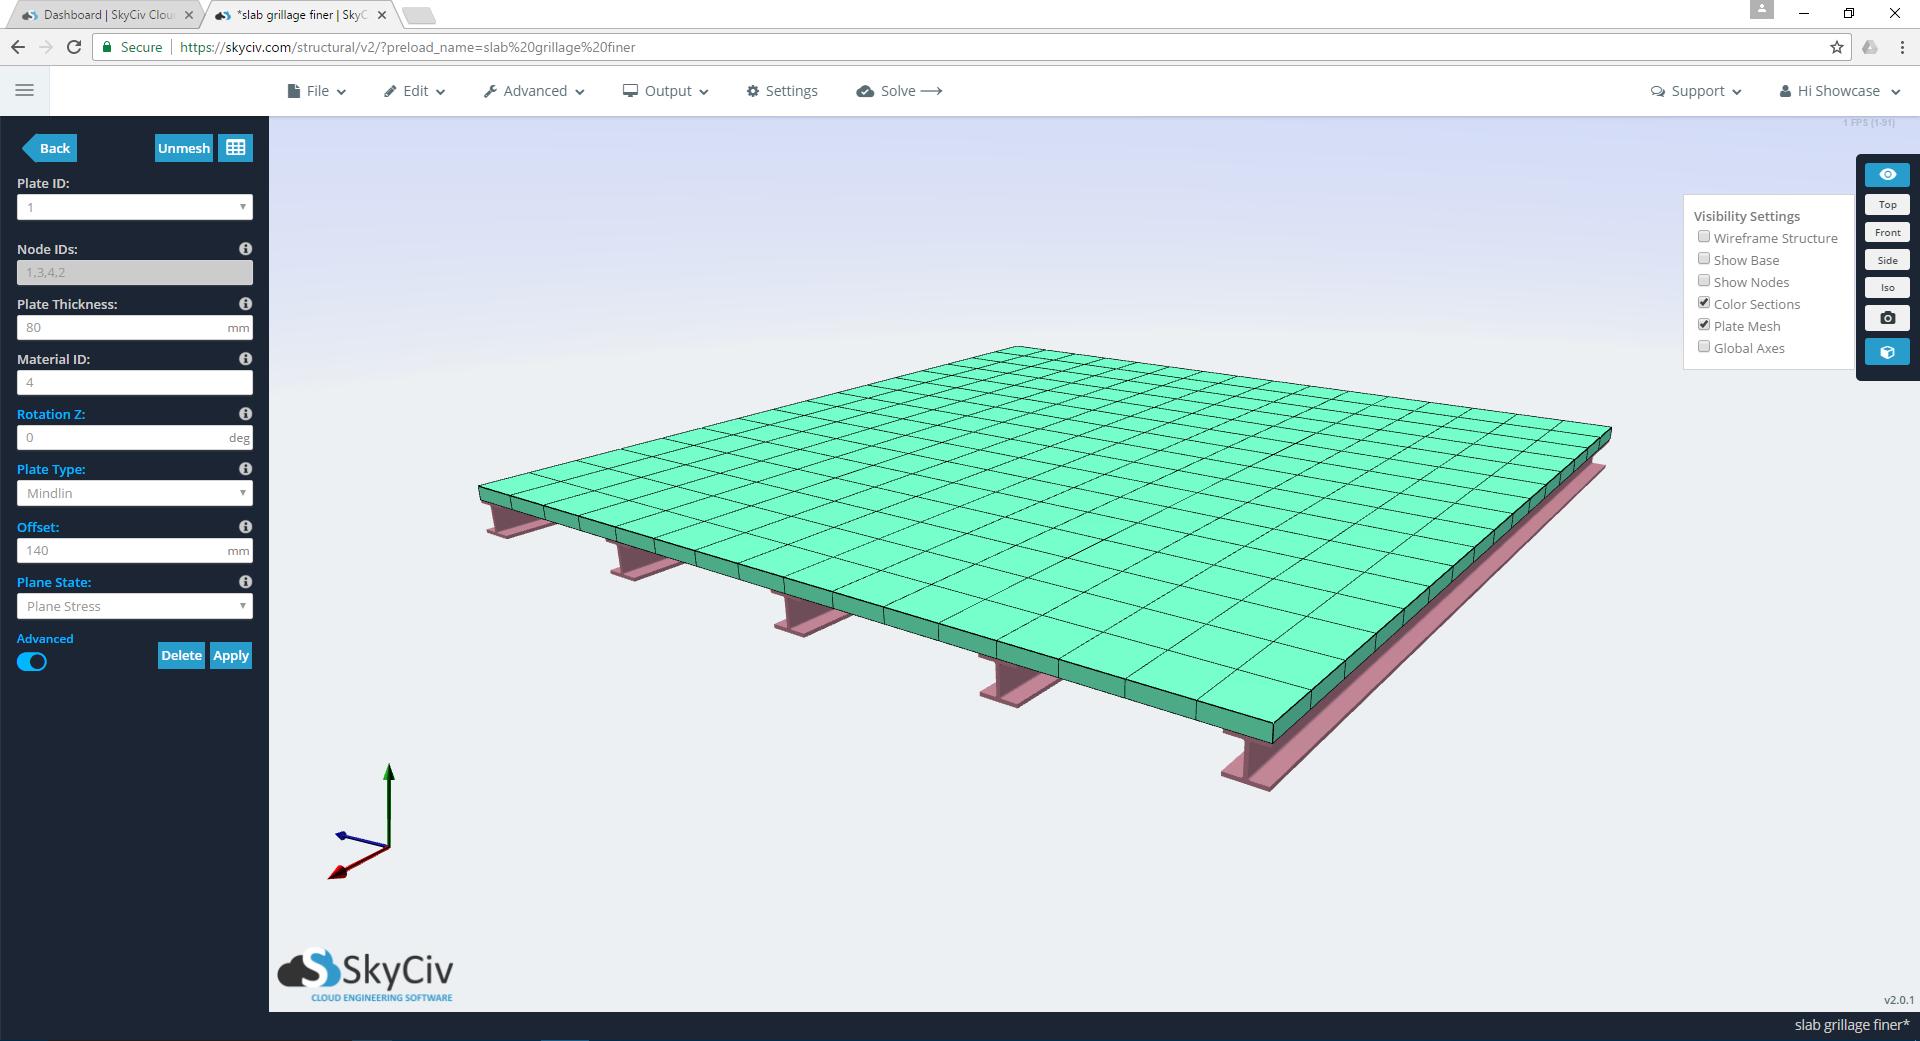 SkyCiv Interactive 3D Renderer